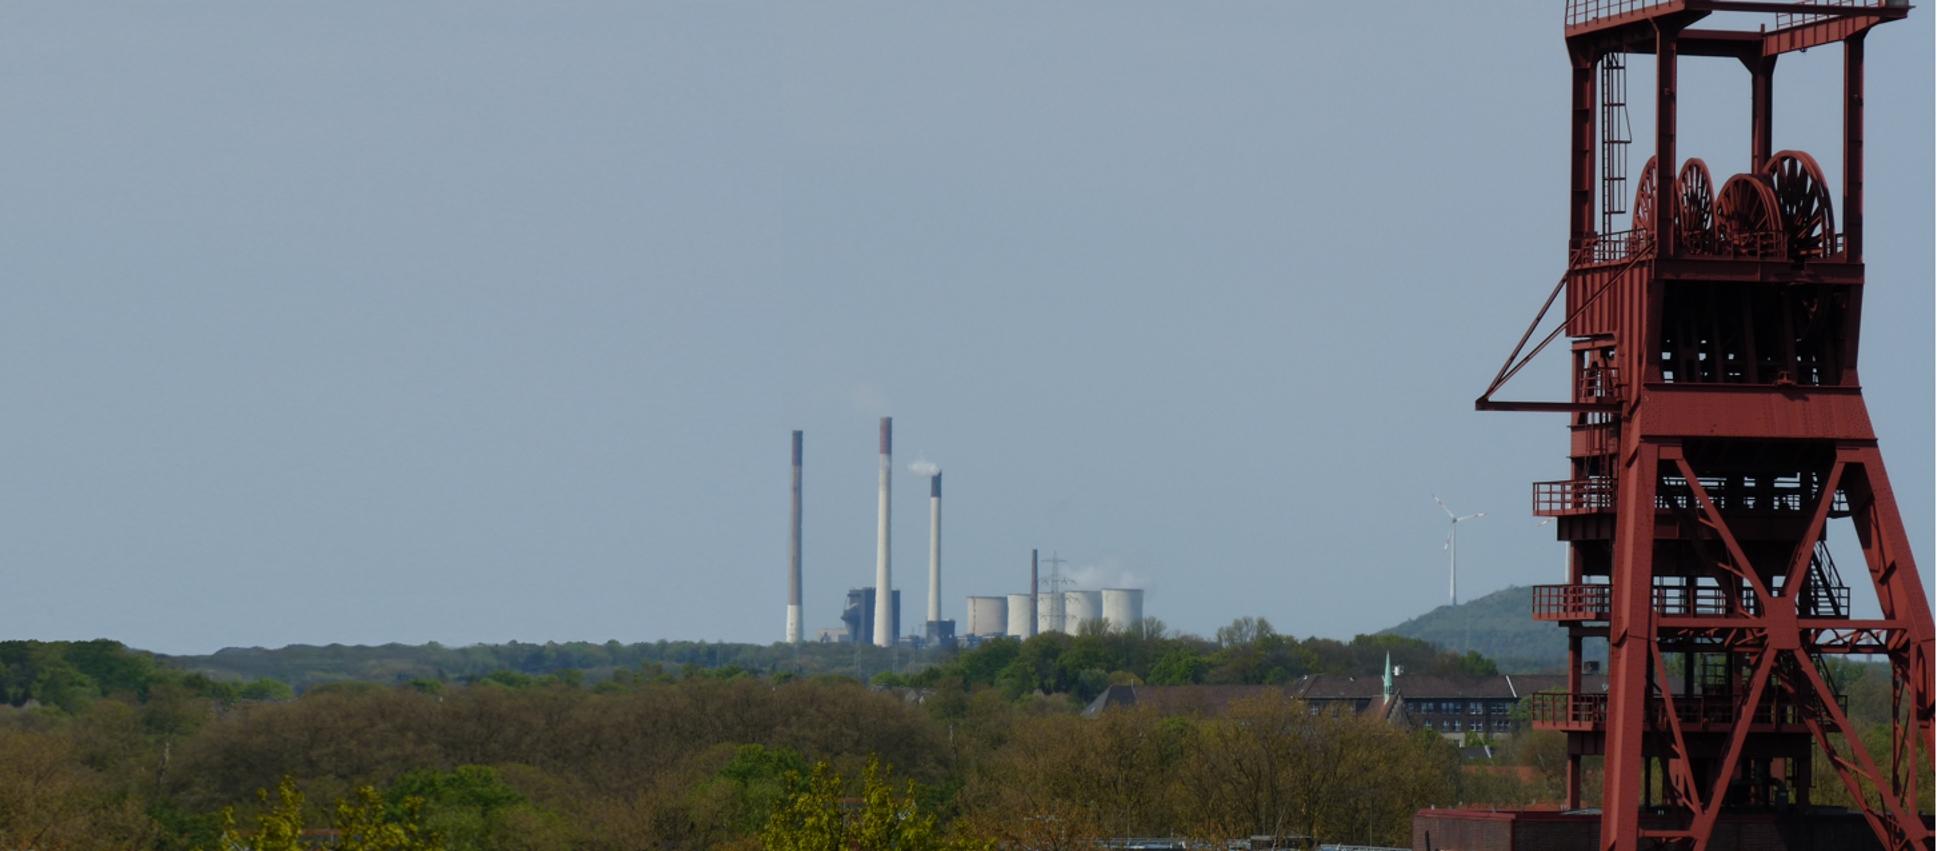 Der Strukturwandel im Ruhrgebiet ist allgegenwärtig.